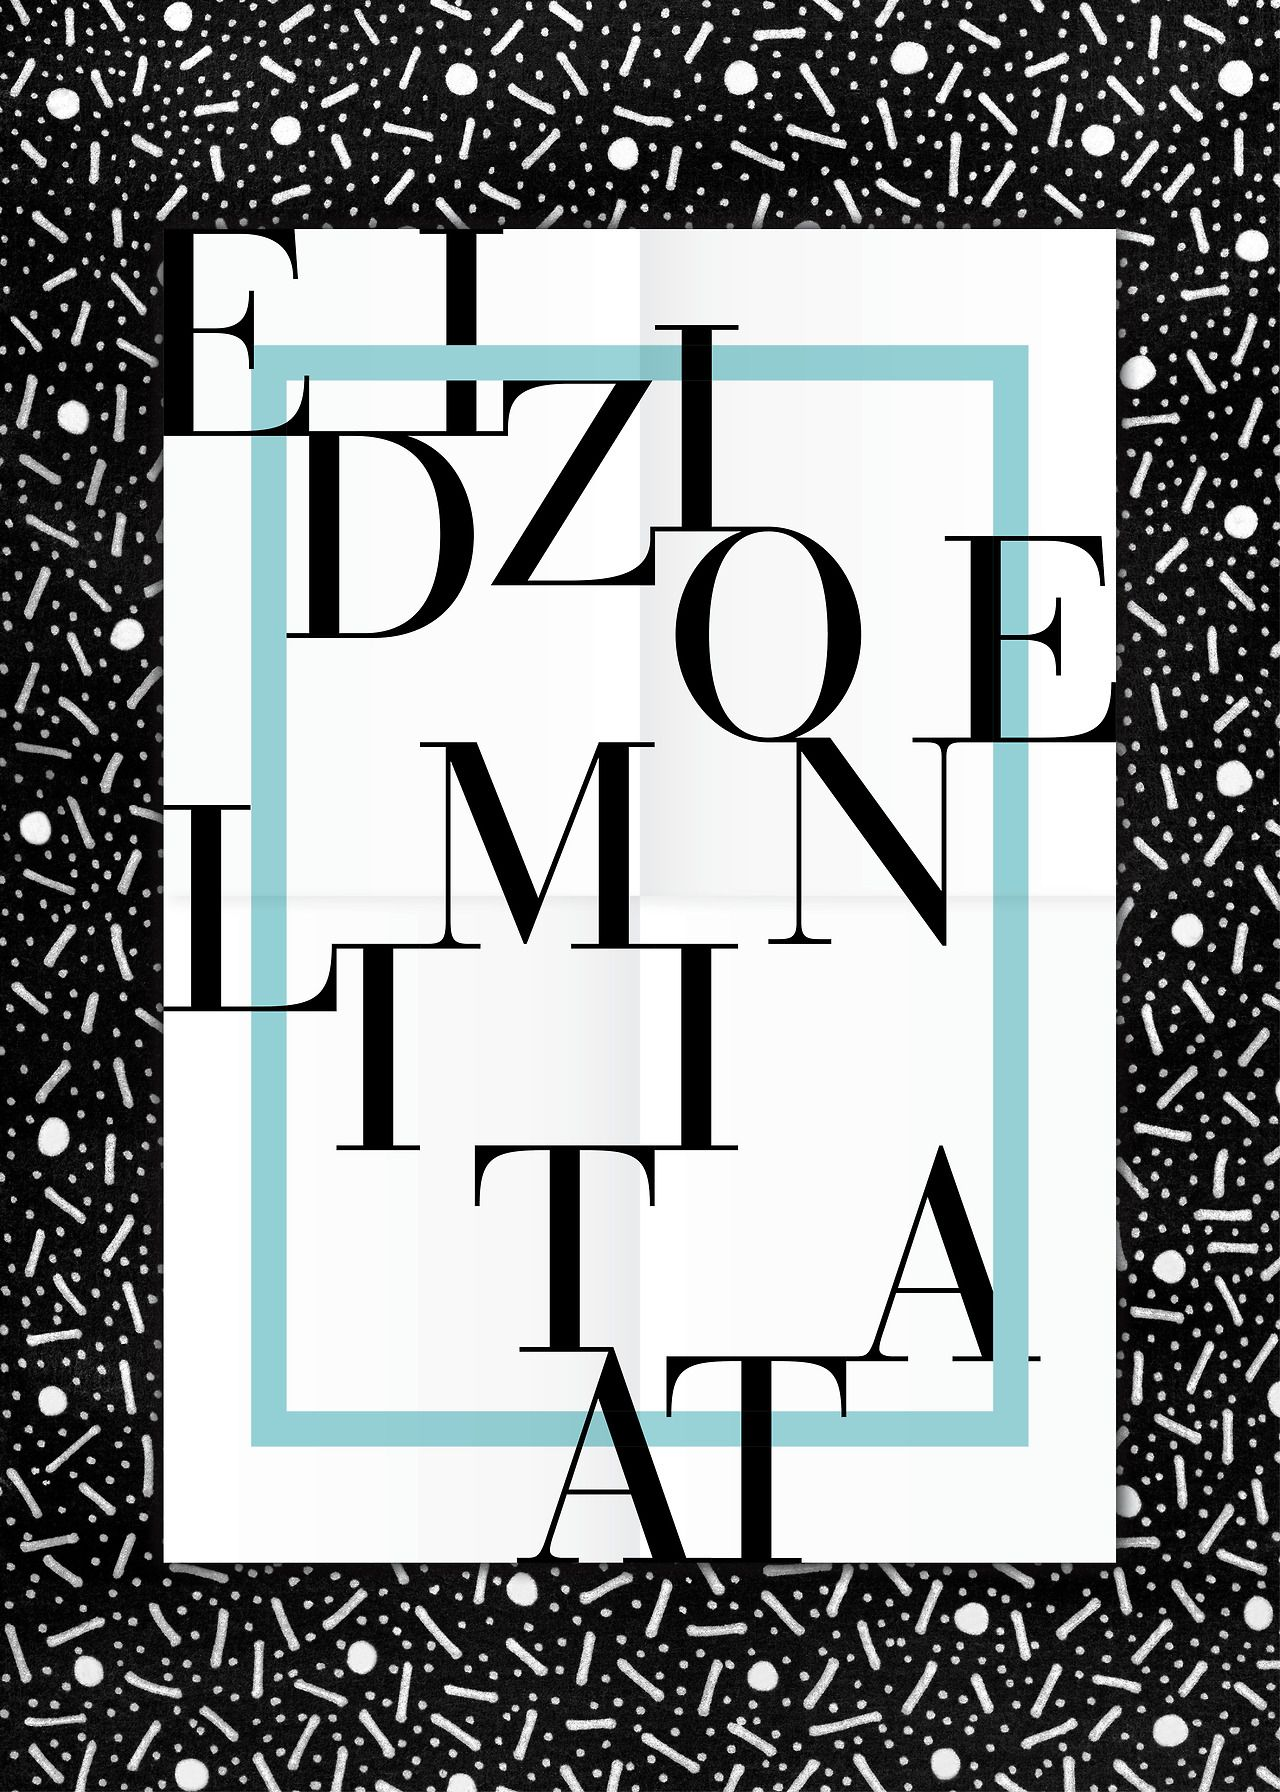 Edzione limitata #graphicdesign #illustration #poster #print